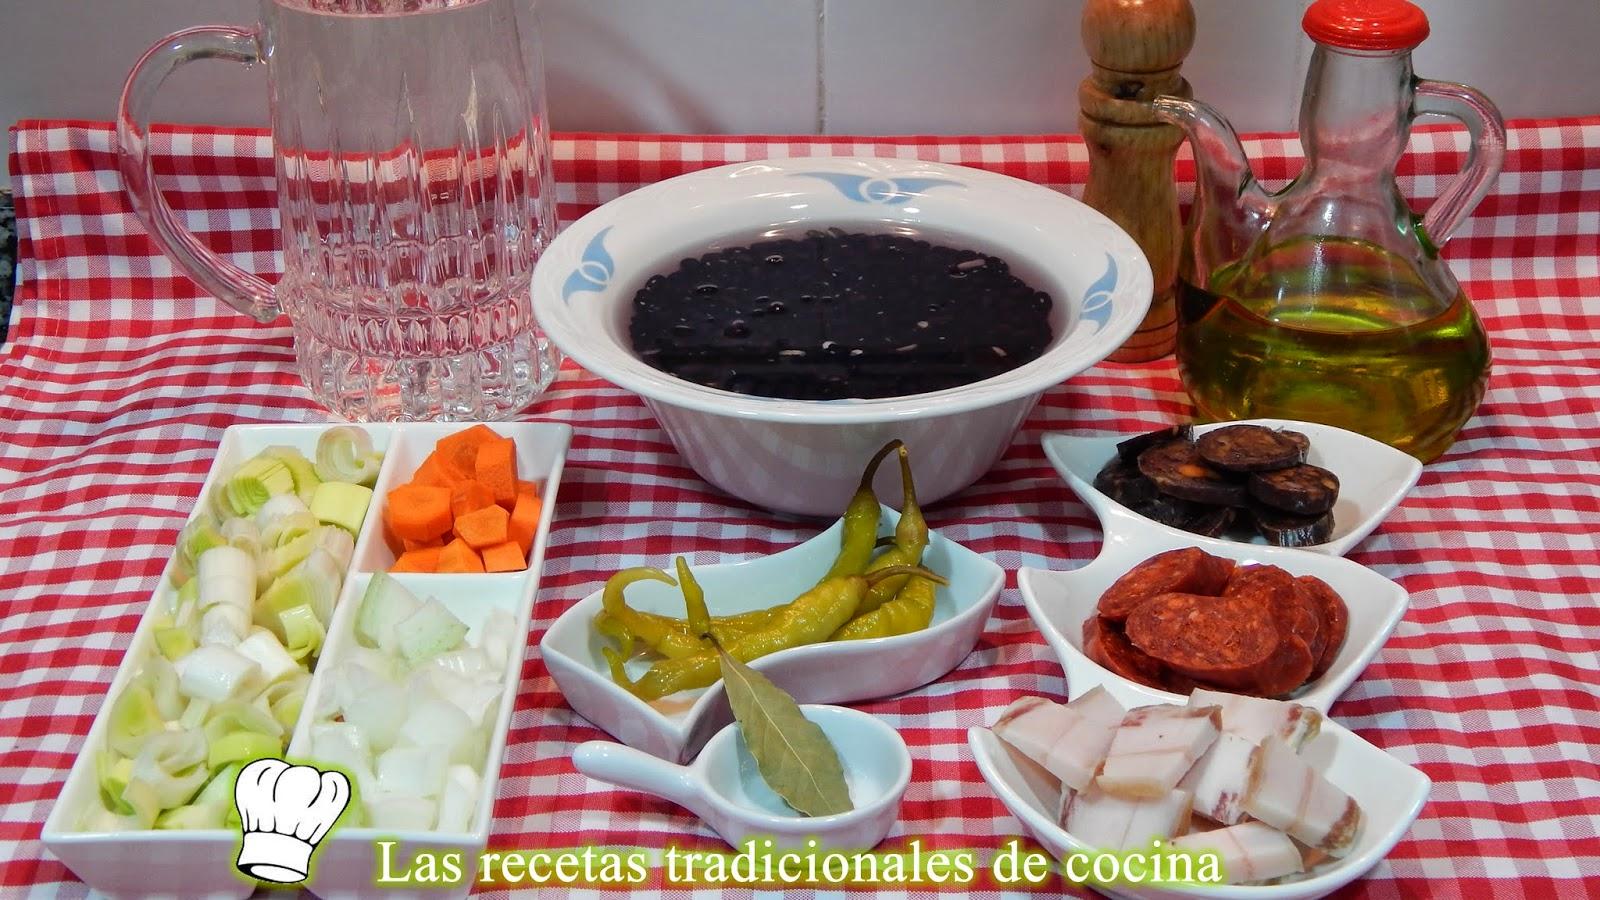 Receta fácil de alubias negras estofadas